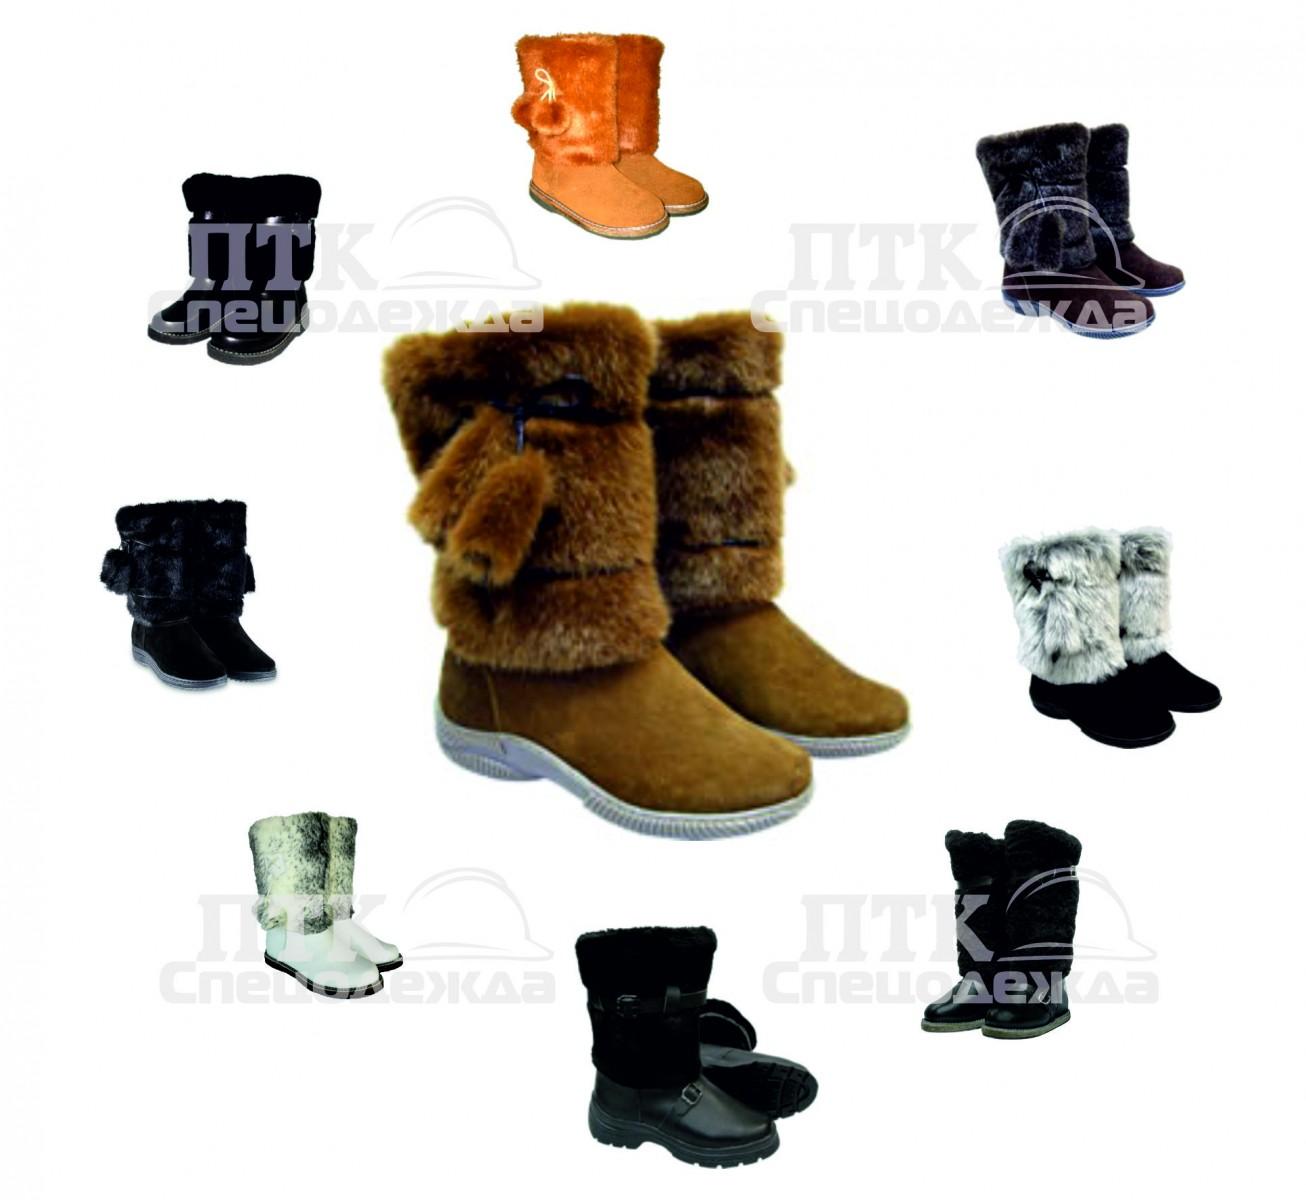 c31fa36c7 Унты и валенки – лучшая зимняя обувь в национальном стиле ...